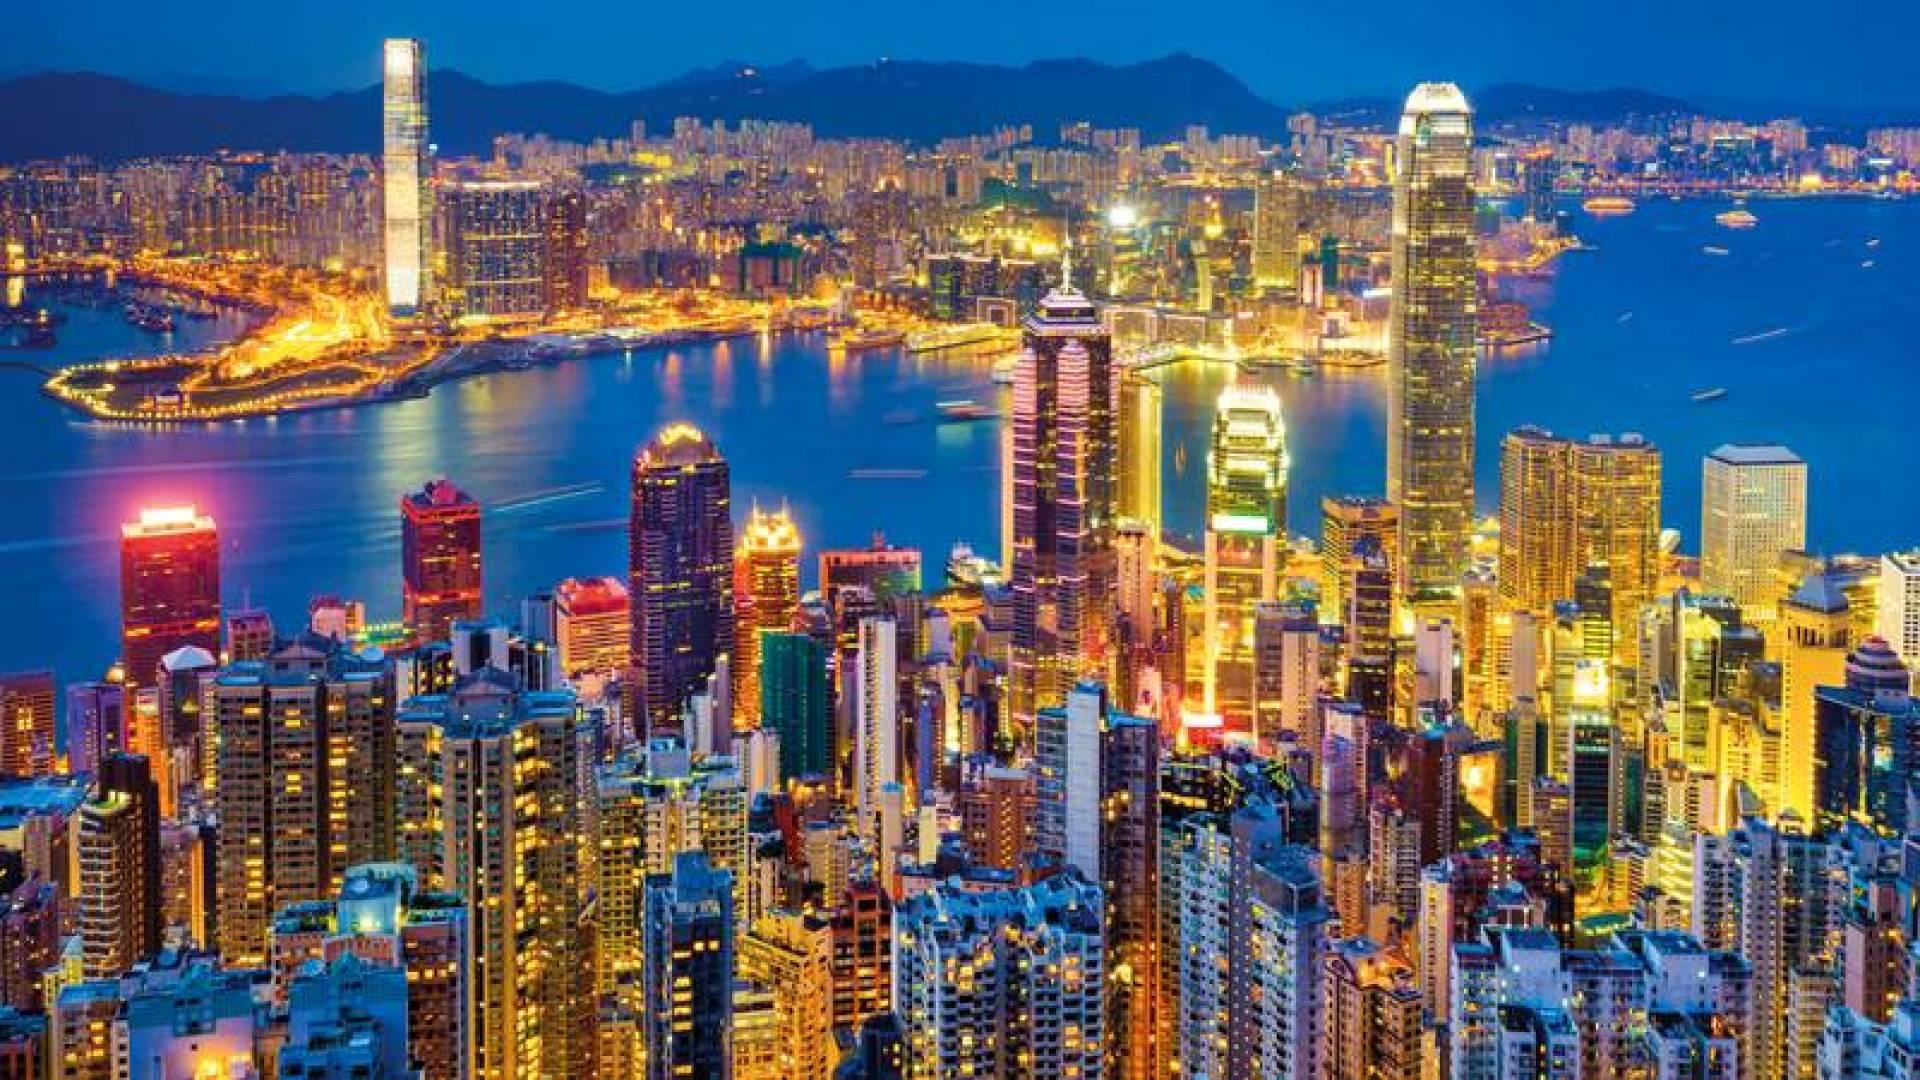 سرقة طوابع ومخطوطات بأكثر من نصف مليار دولار في هونغ كونغ